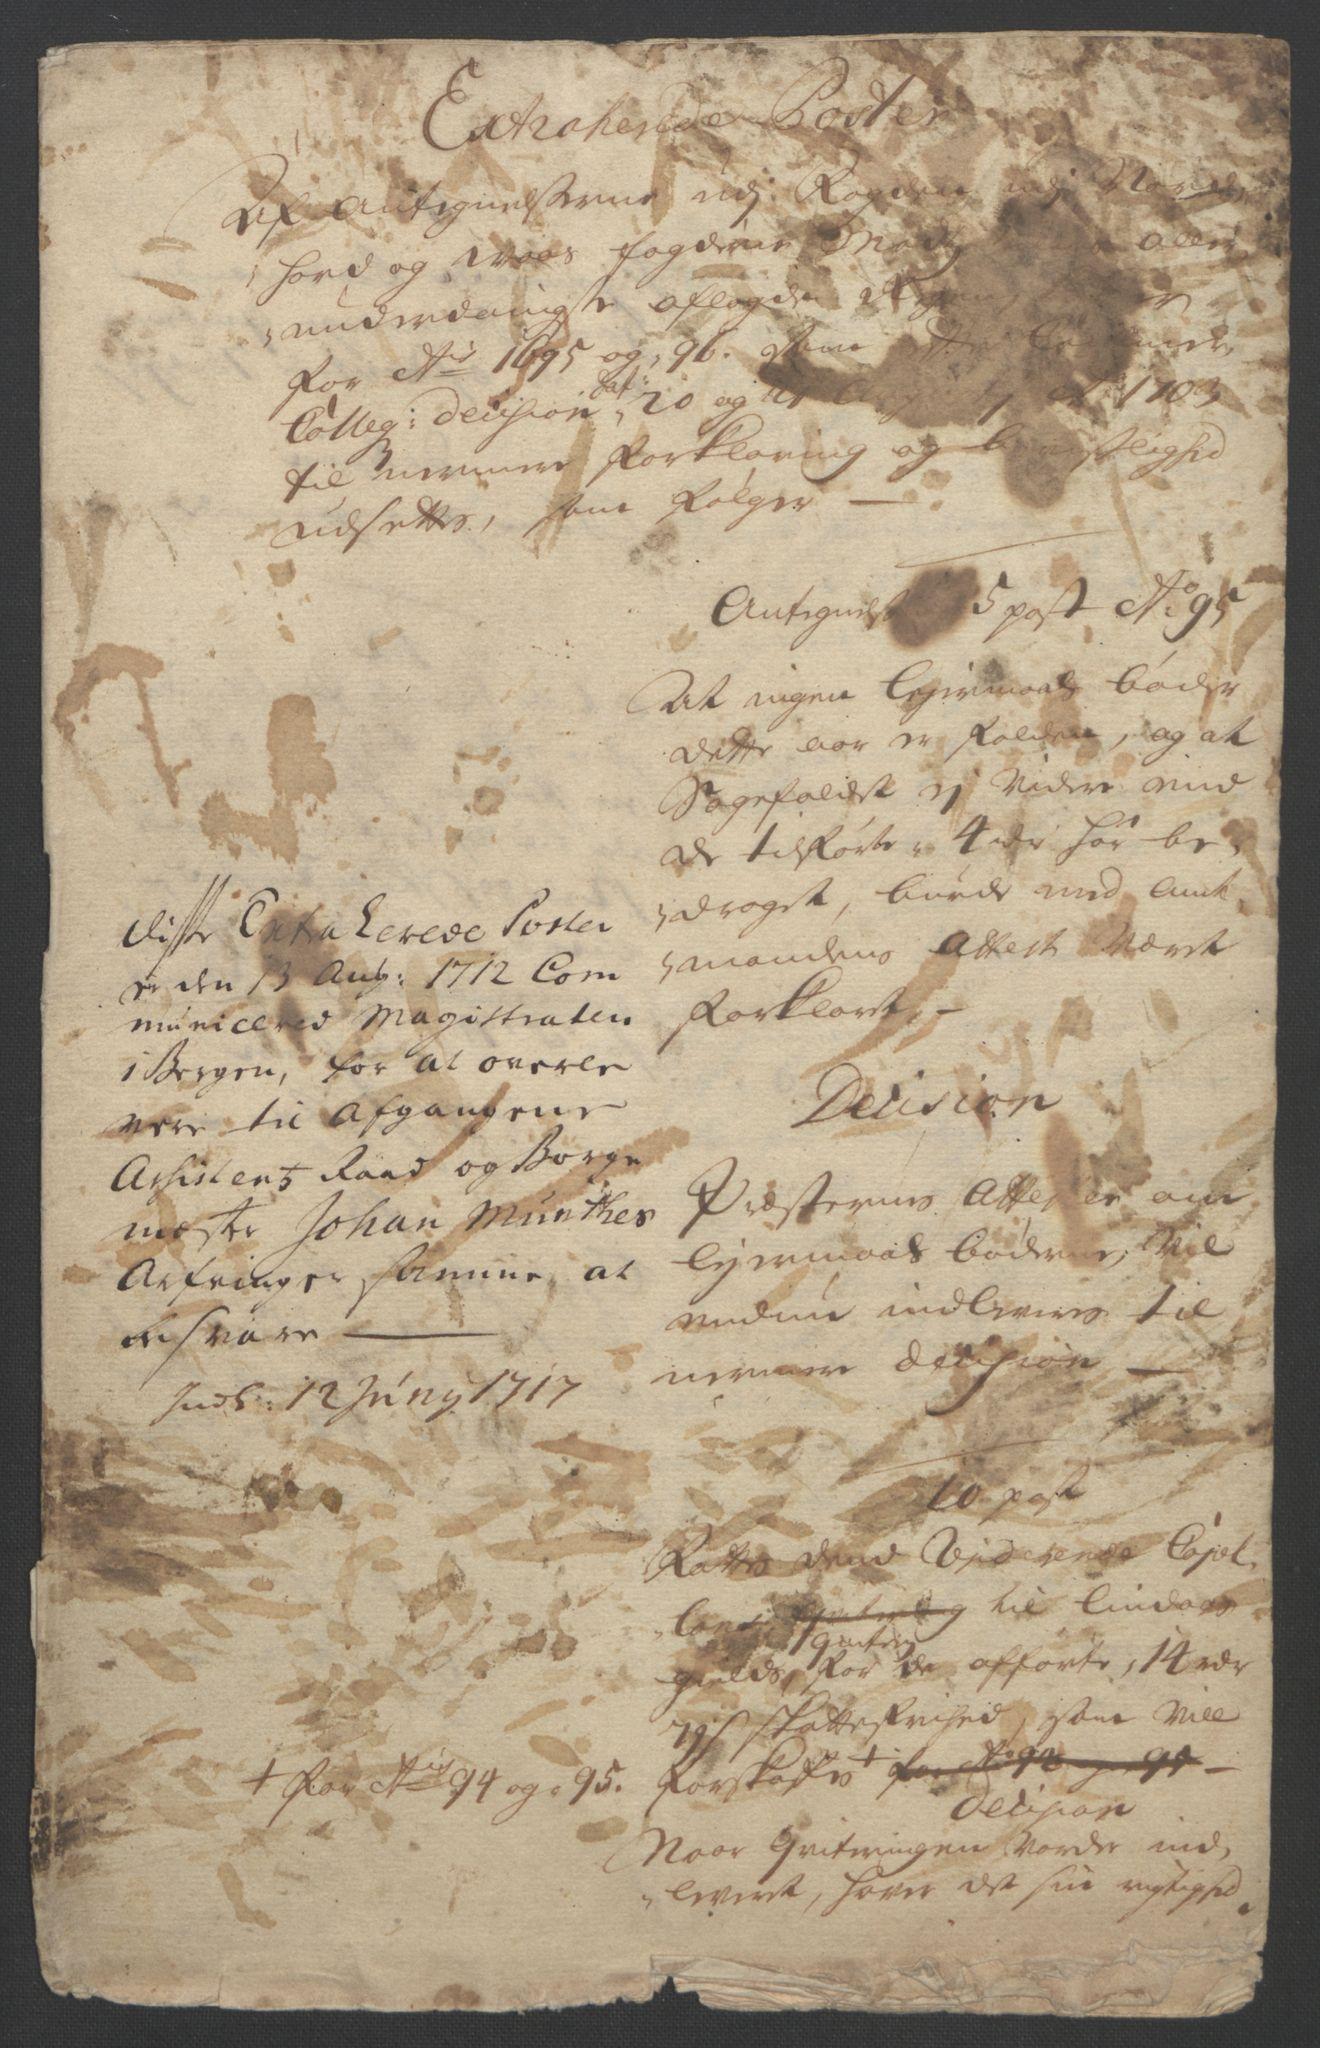 RA, Rentekammeret inntil 1814, Reviderte regnskaper, Fogderegnskap, R51/L3183: Fogderegnskap Nordhordland og Voss, 1695-1697, s. 289